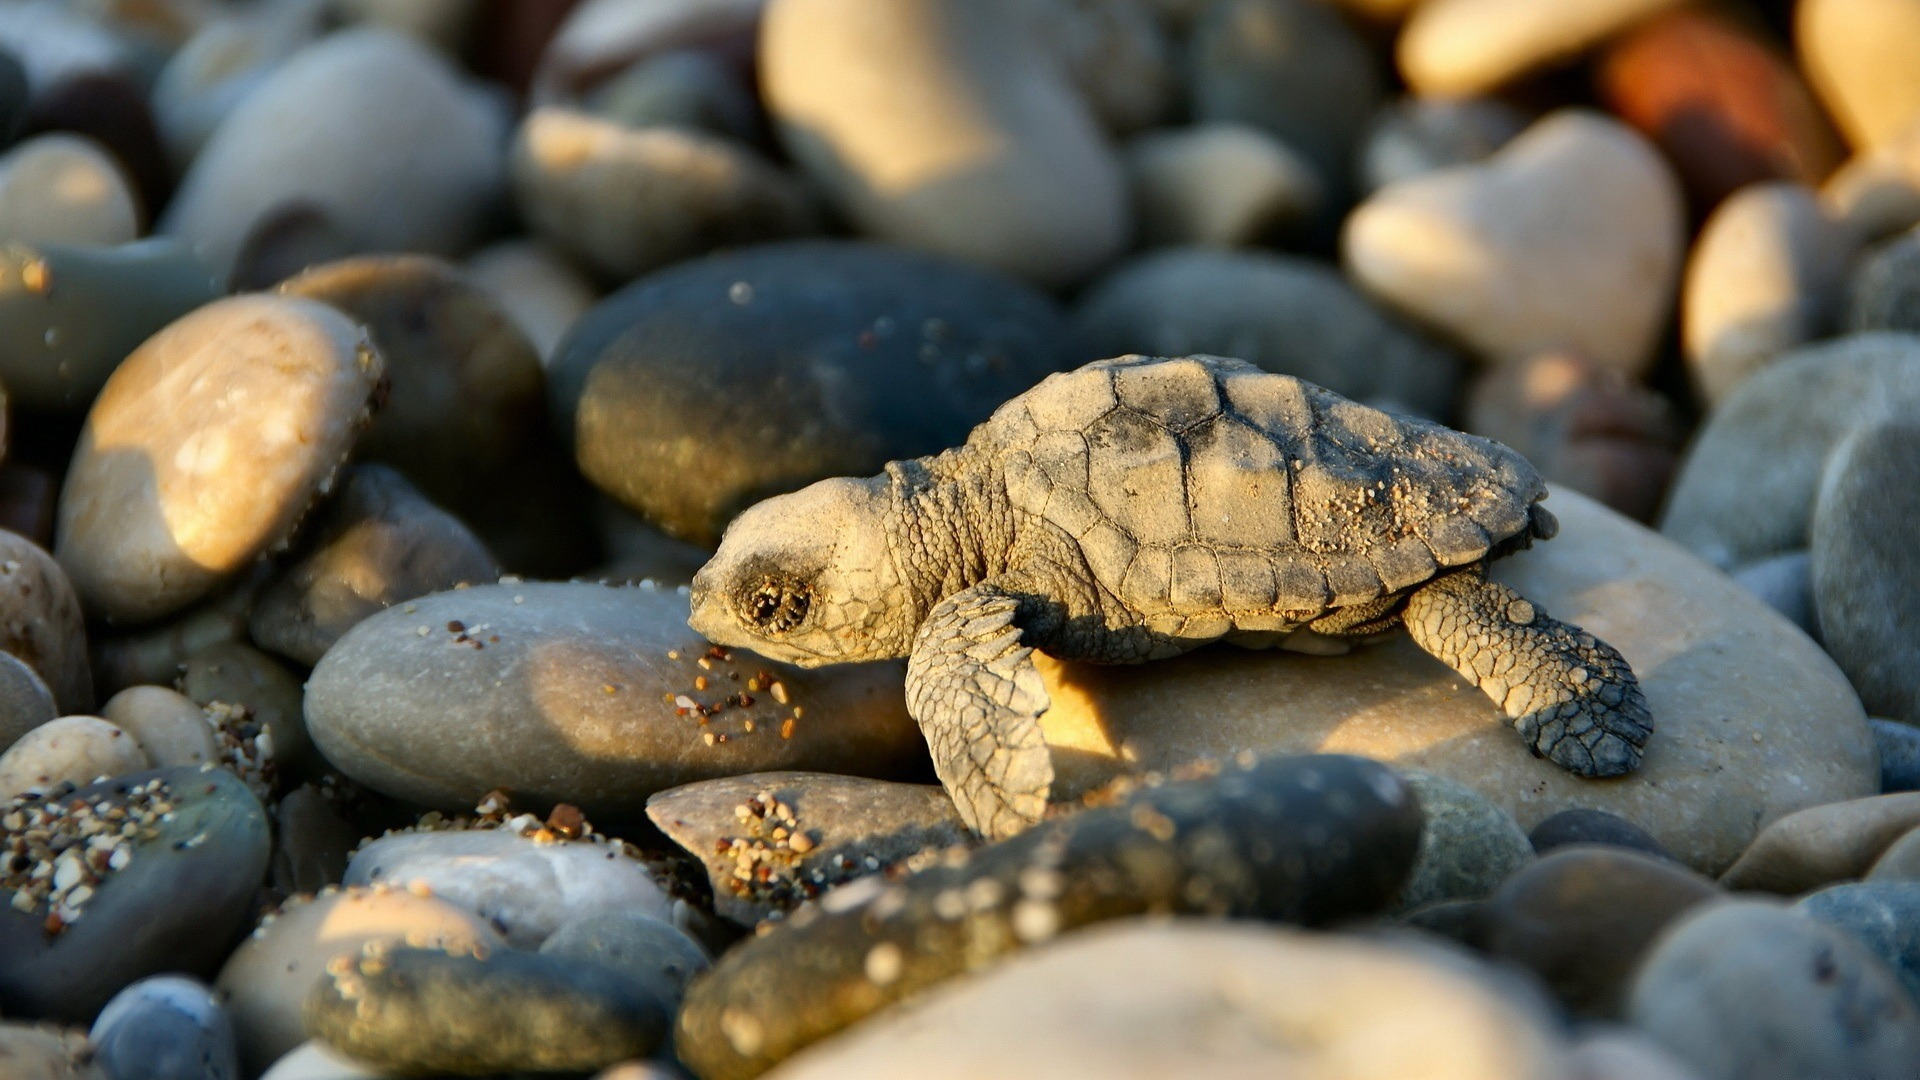 Hình ảnh rùa con phơi mình trên đá